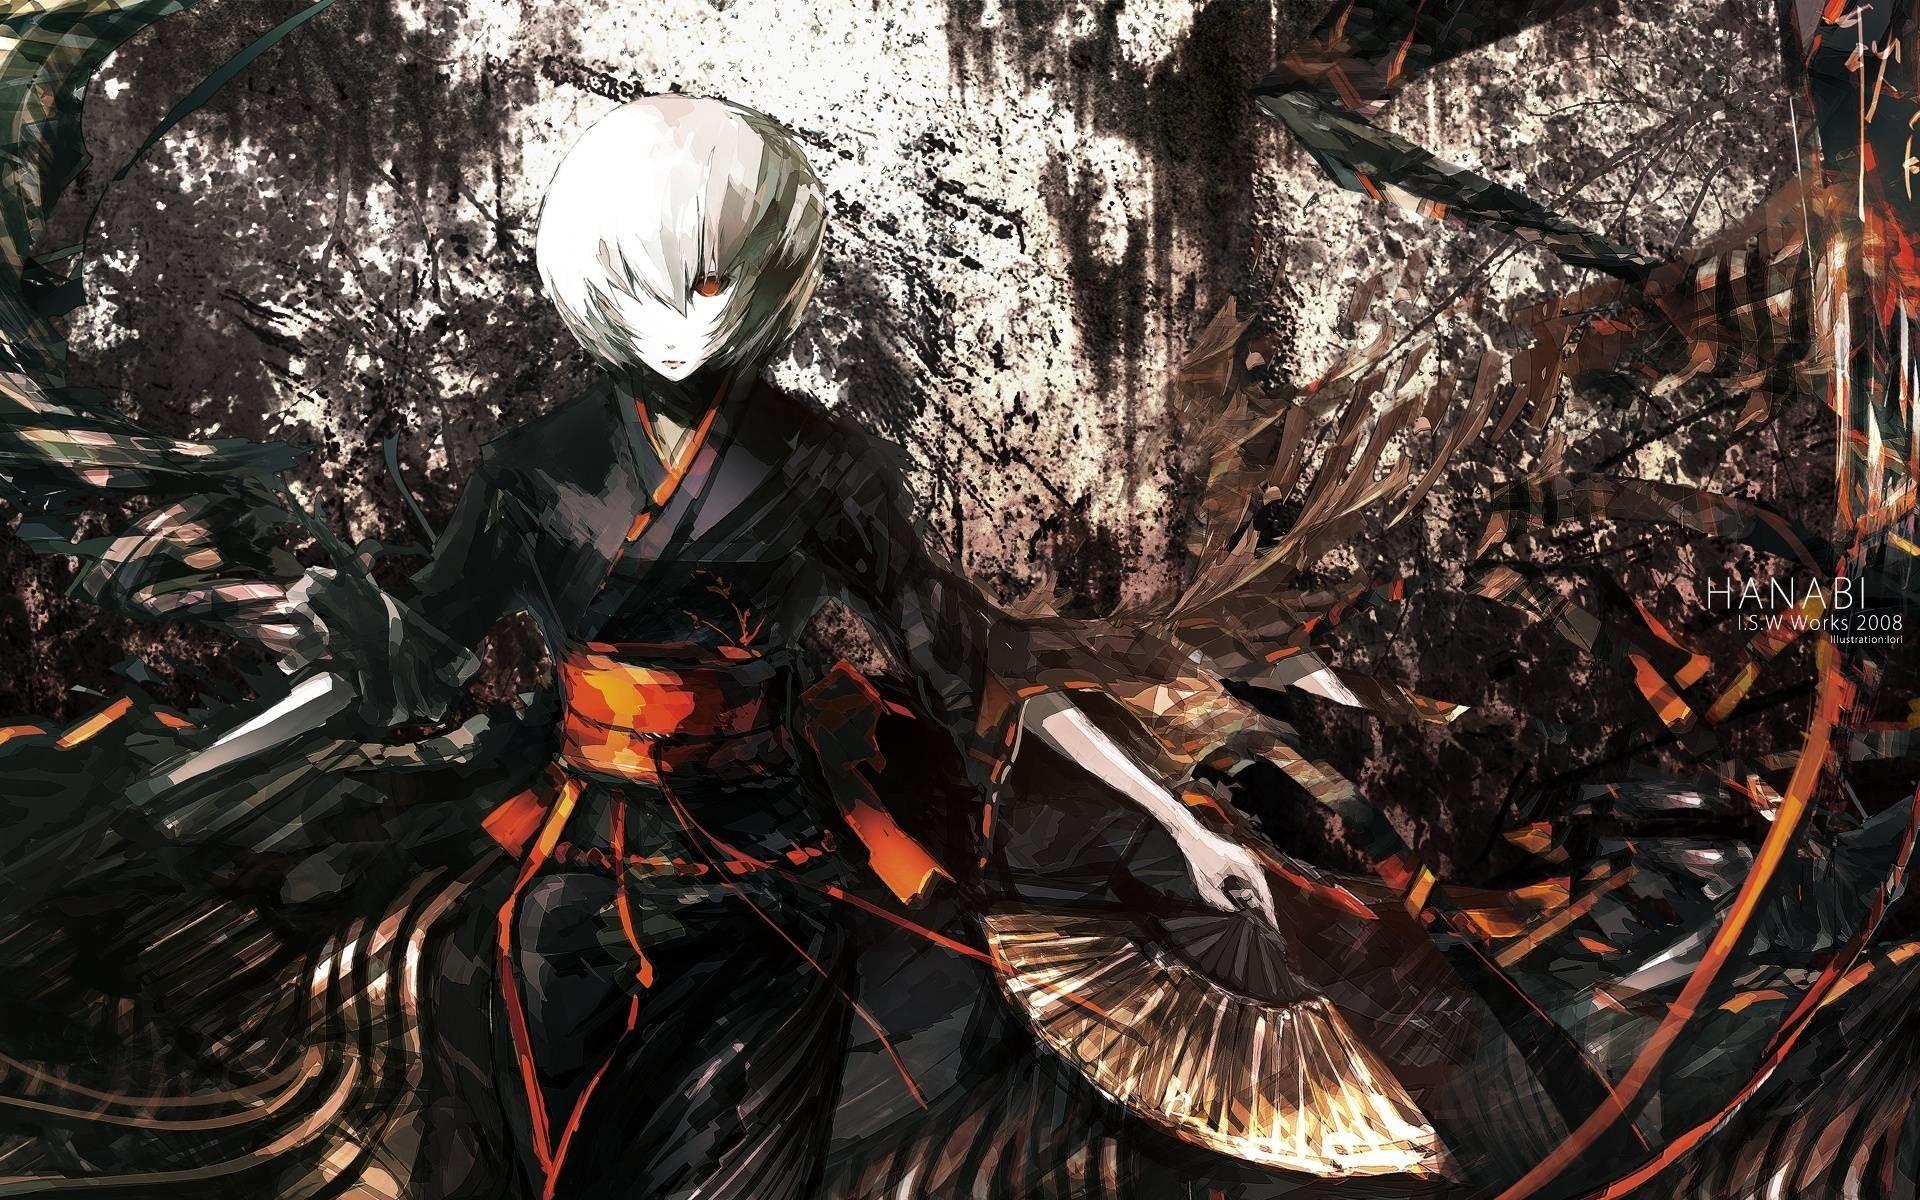 Anime Warrior Wallpaper – 34023